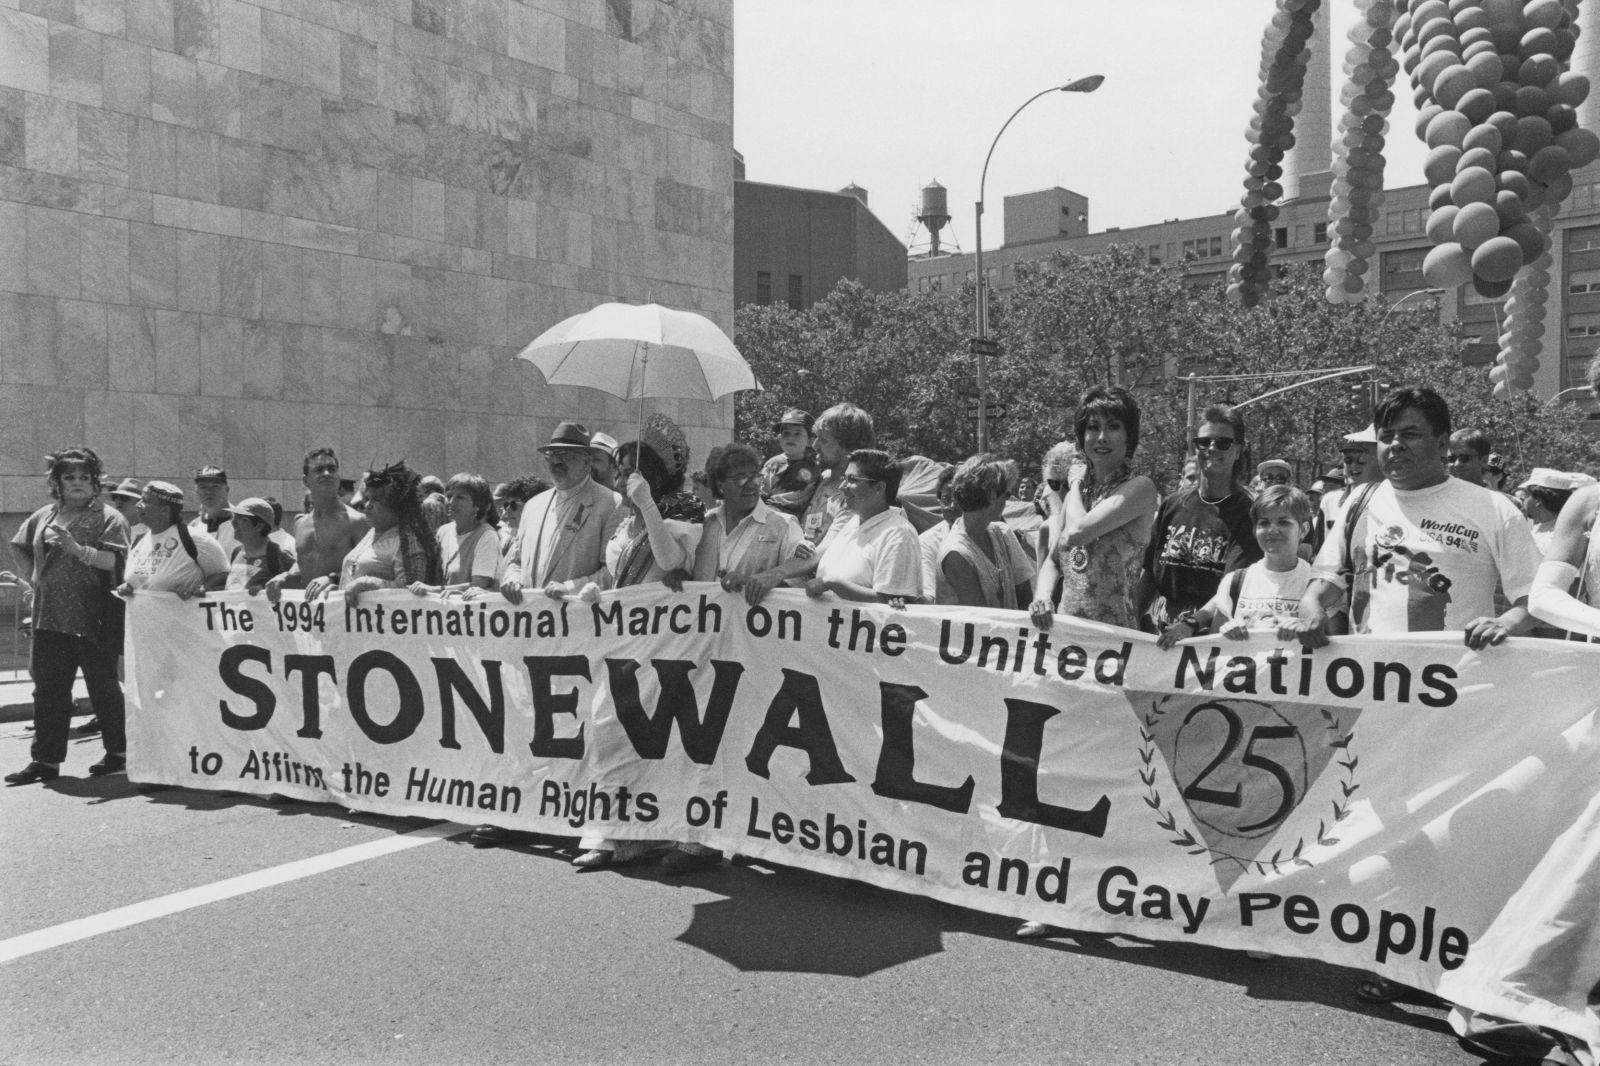 Den, kdy buzíci ztratili ustrašenou tvář. Před 50 lety proběhly násilné nepokoje za práva LGBT komunity